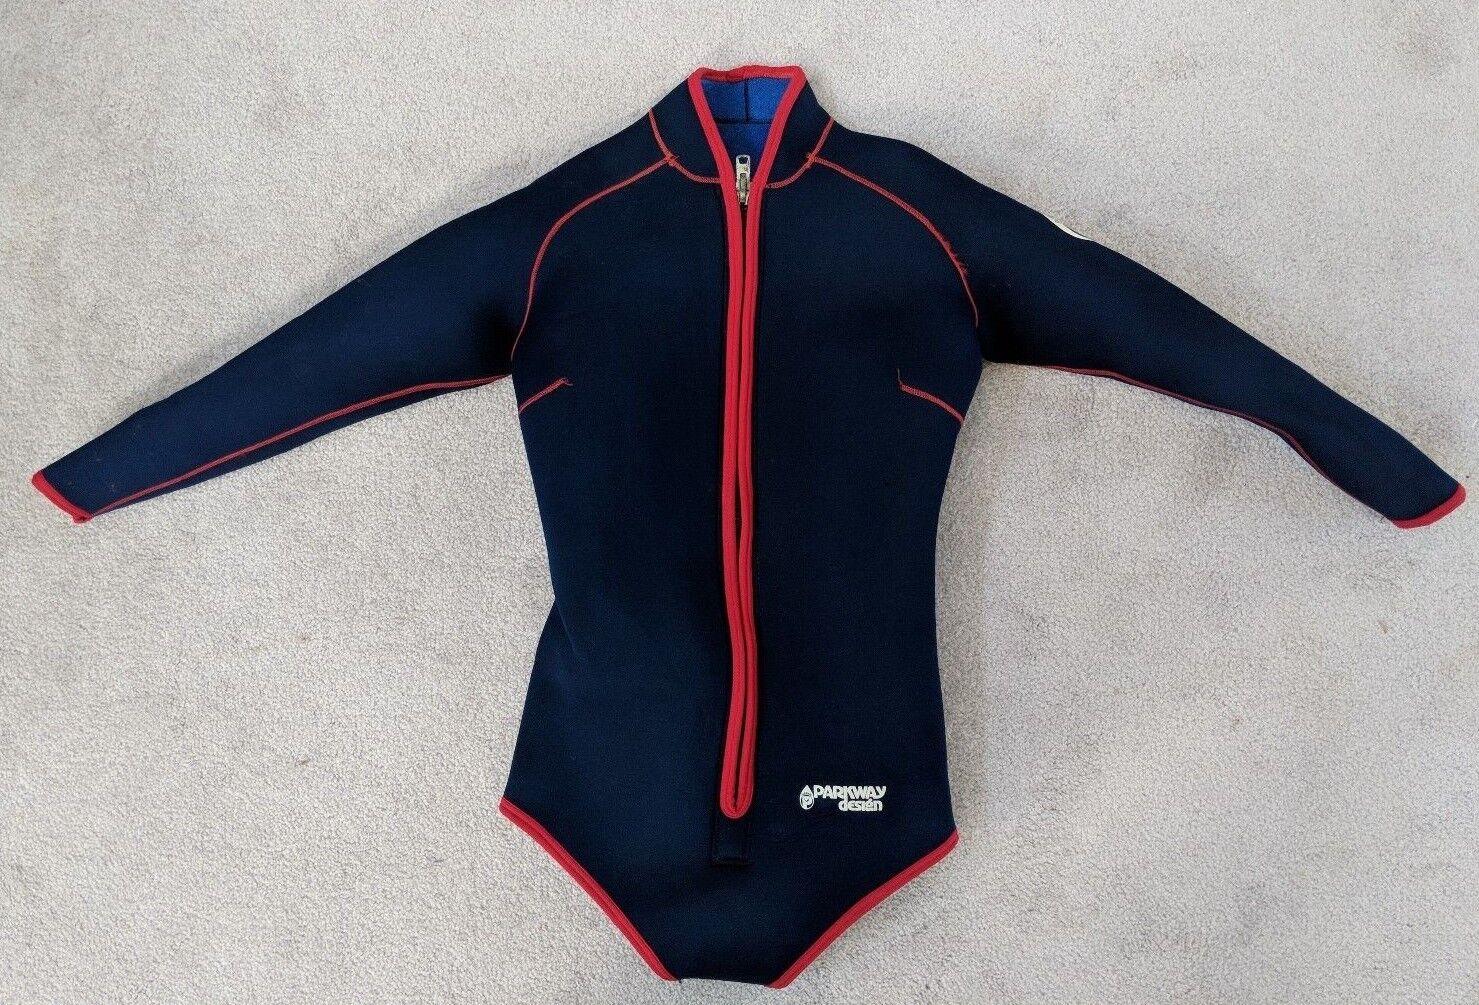 Women's Parkway Design Scuba Wetsuit Long Sleeve, Zip Front